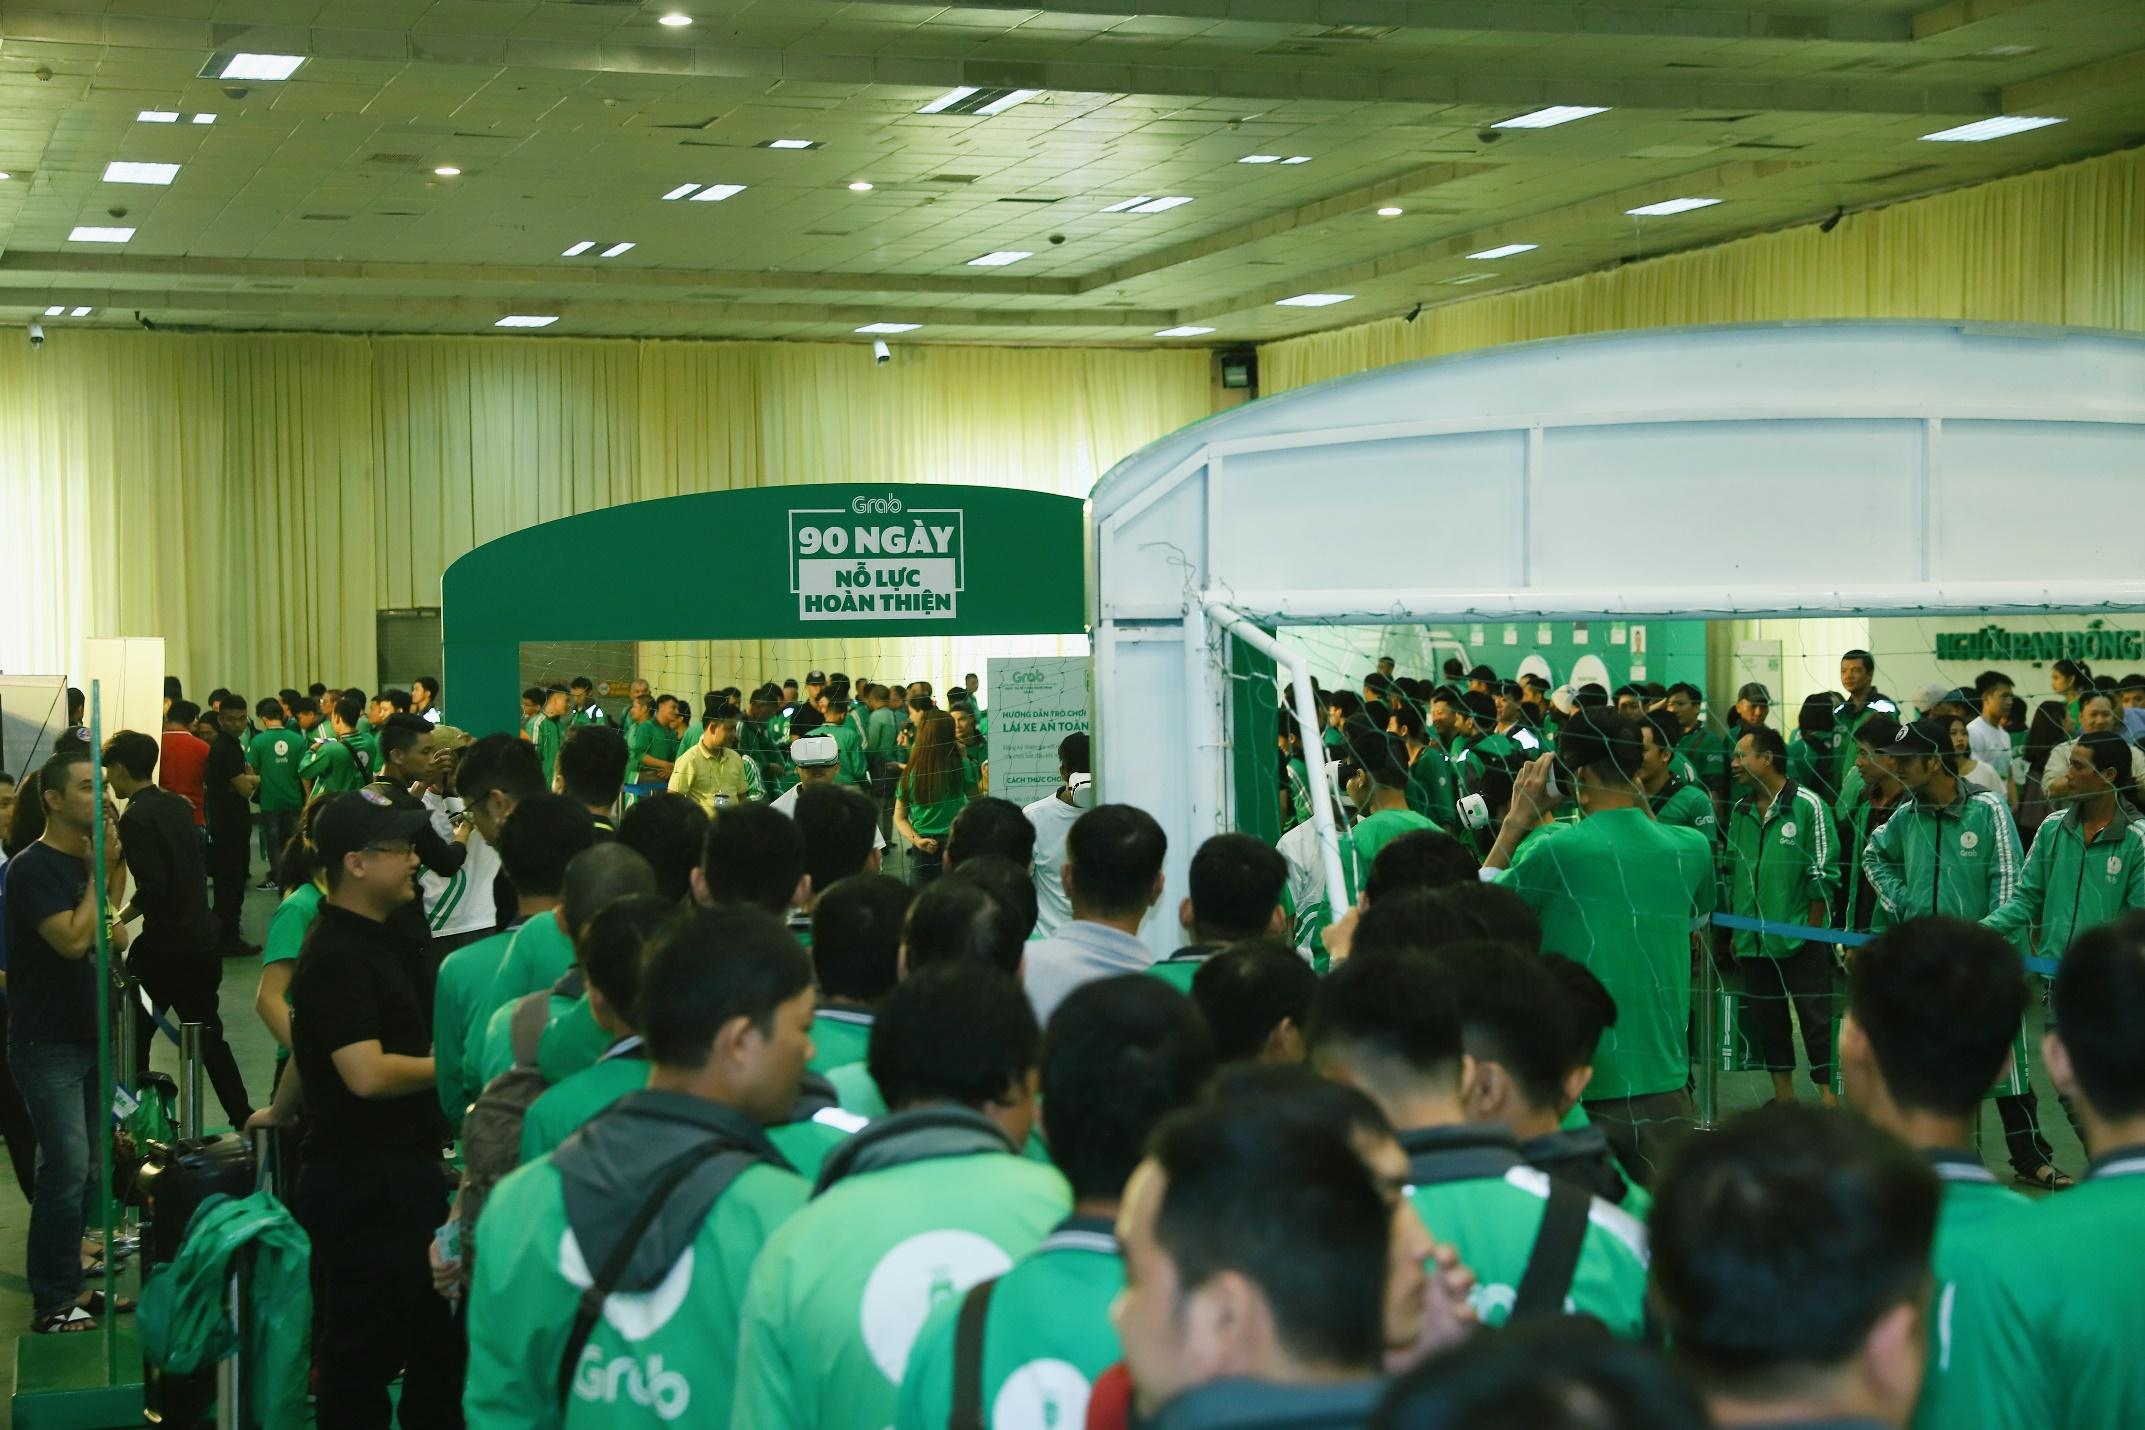 Hà Nội: Mặc mưa bão, Ngày hội tài xế công nghệ vẫn quy tụ hàng ngàn người tham gia - Ảnh 1.